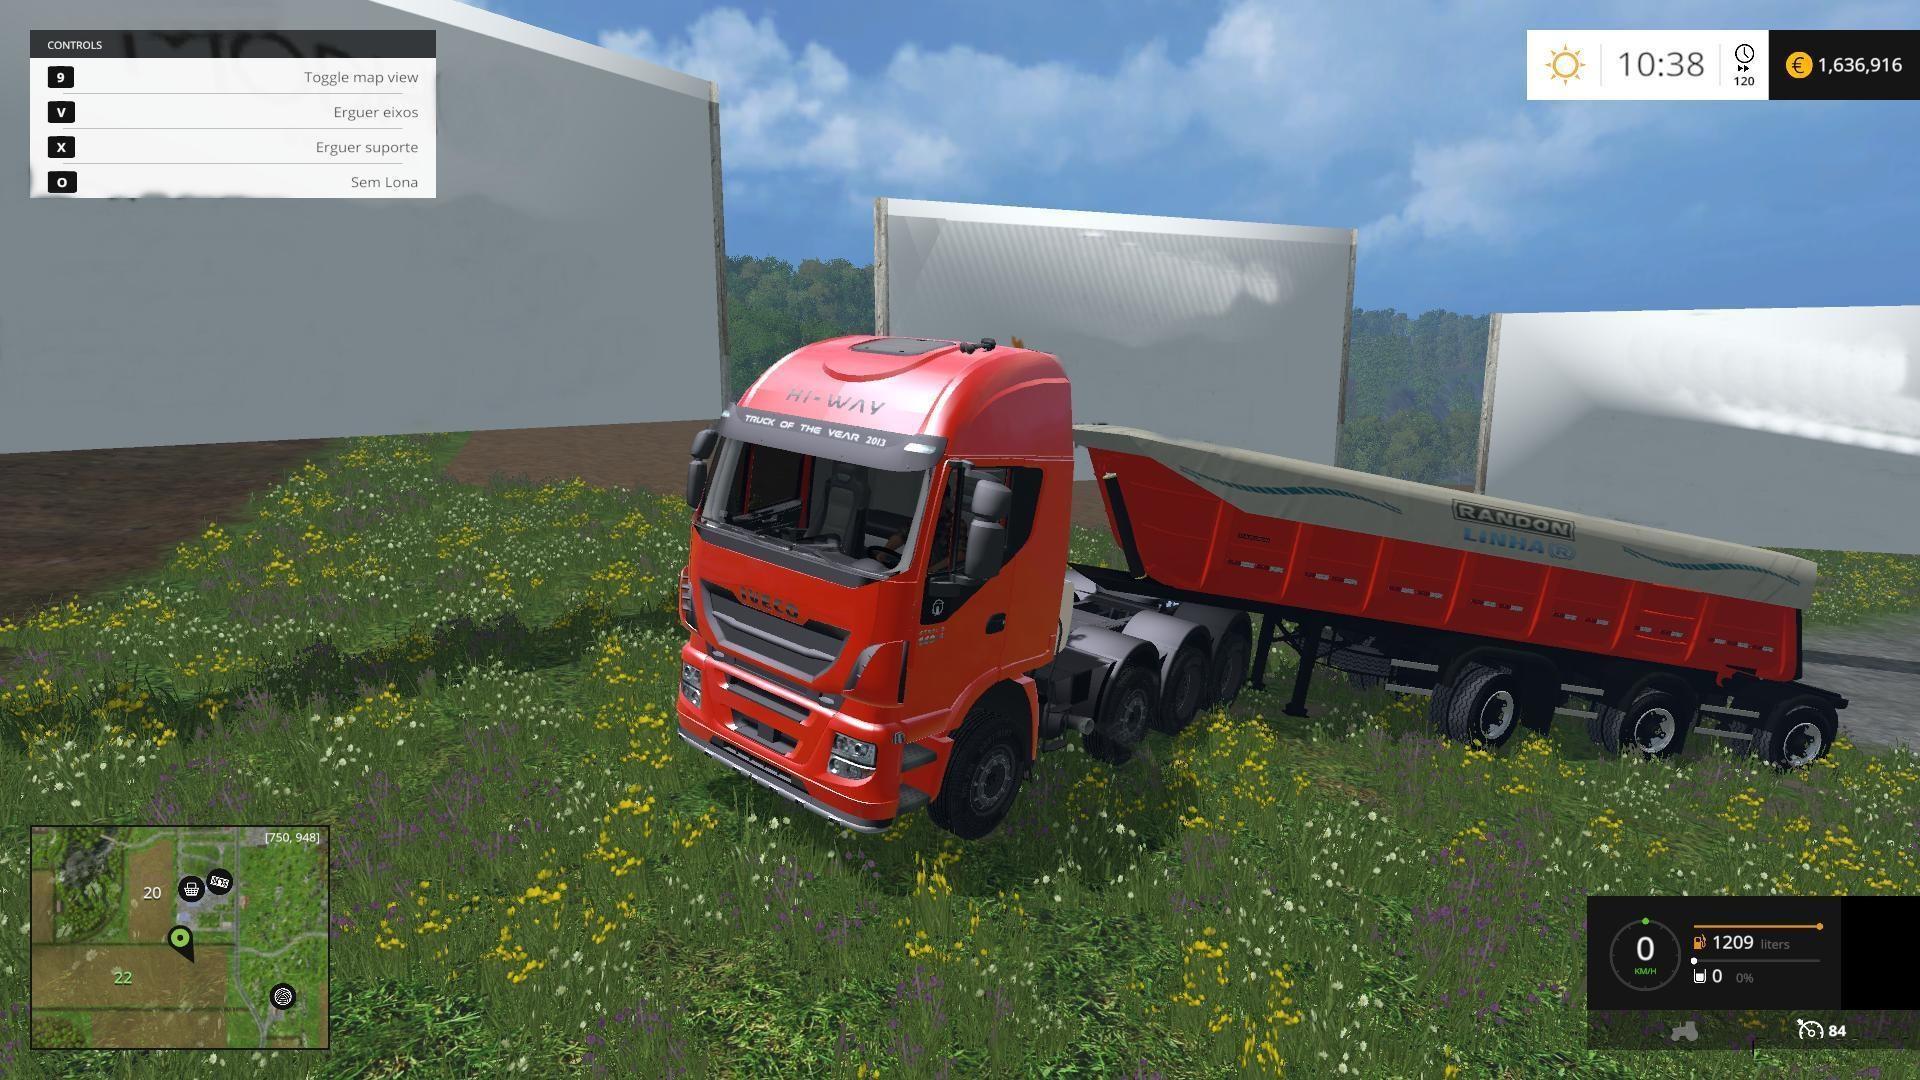 1424170565_iveco-stralis-560-8x4-trailer-v1_1-73